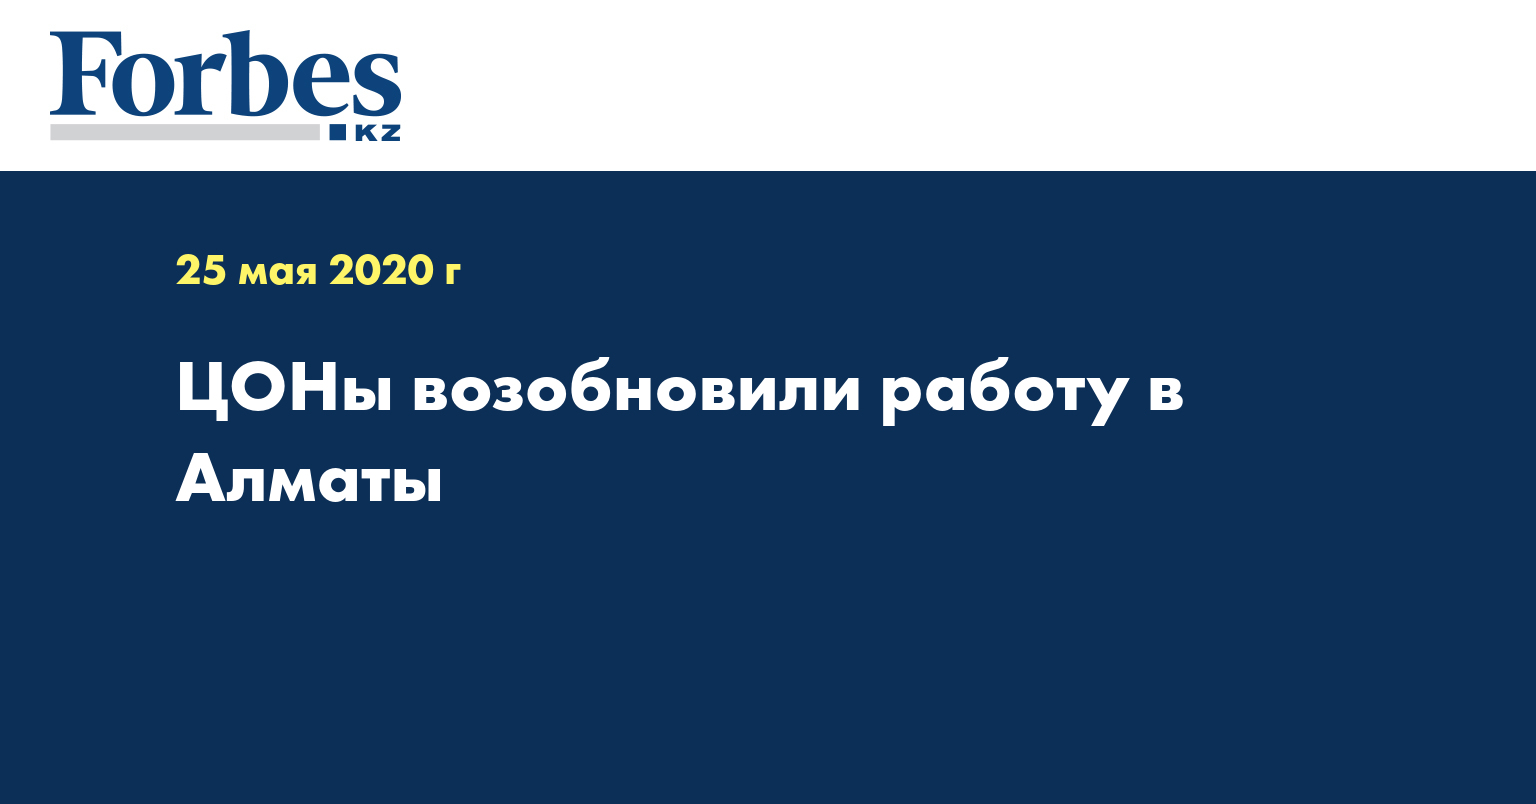 ЦОНы возобновили работу в Алматы